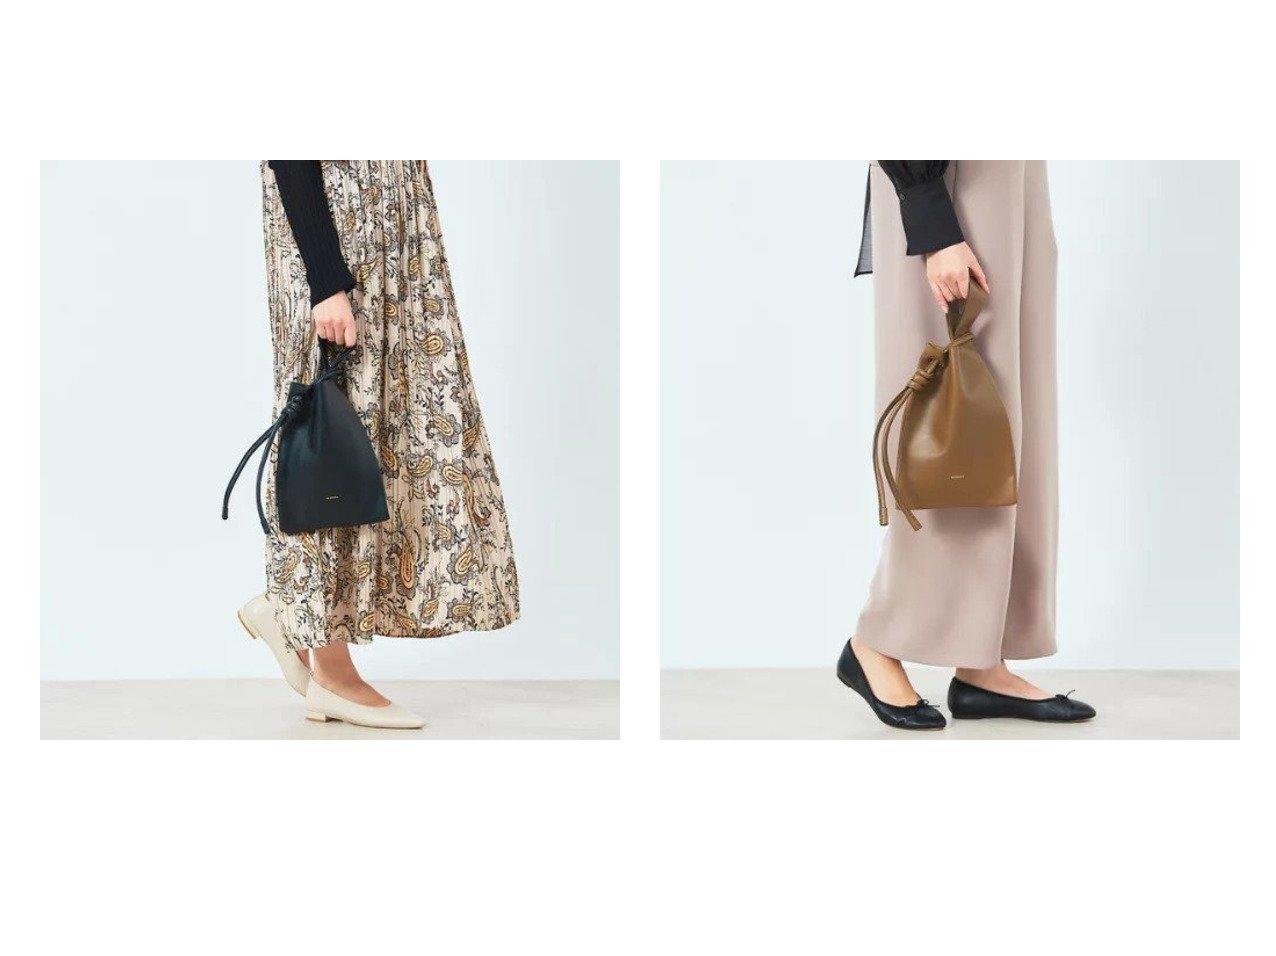 【Rouge vif/ルージュ ヴィフ】の【ORSETTO】MORBIDOハンドバッグ バッグ・鞄のおすすめ!人気、トレンド・レディースファッションの通販 おすすめで人気の流行・トレンド、ファッションの通販商品 メンズファッション・キッズファッション・インテリア・家具・レディースファッション・服の通販 founy(ファニー) https://founy.com/ ファッション Fashion レディースファッション WOMEN バッグ Bag アクセサリー アシンメトリー シンプル ハンドバッグ フラット フロント |ID:crp329100000016325